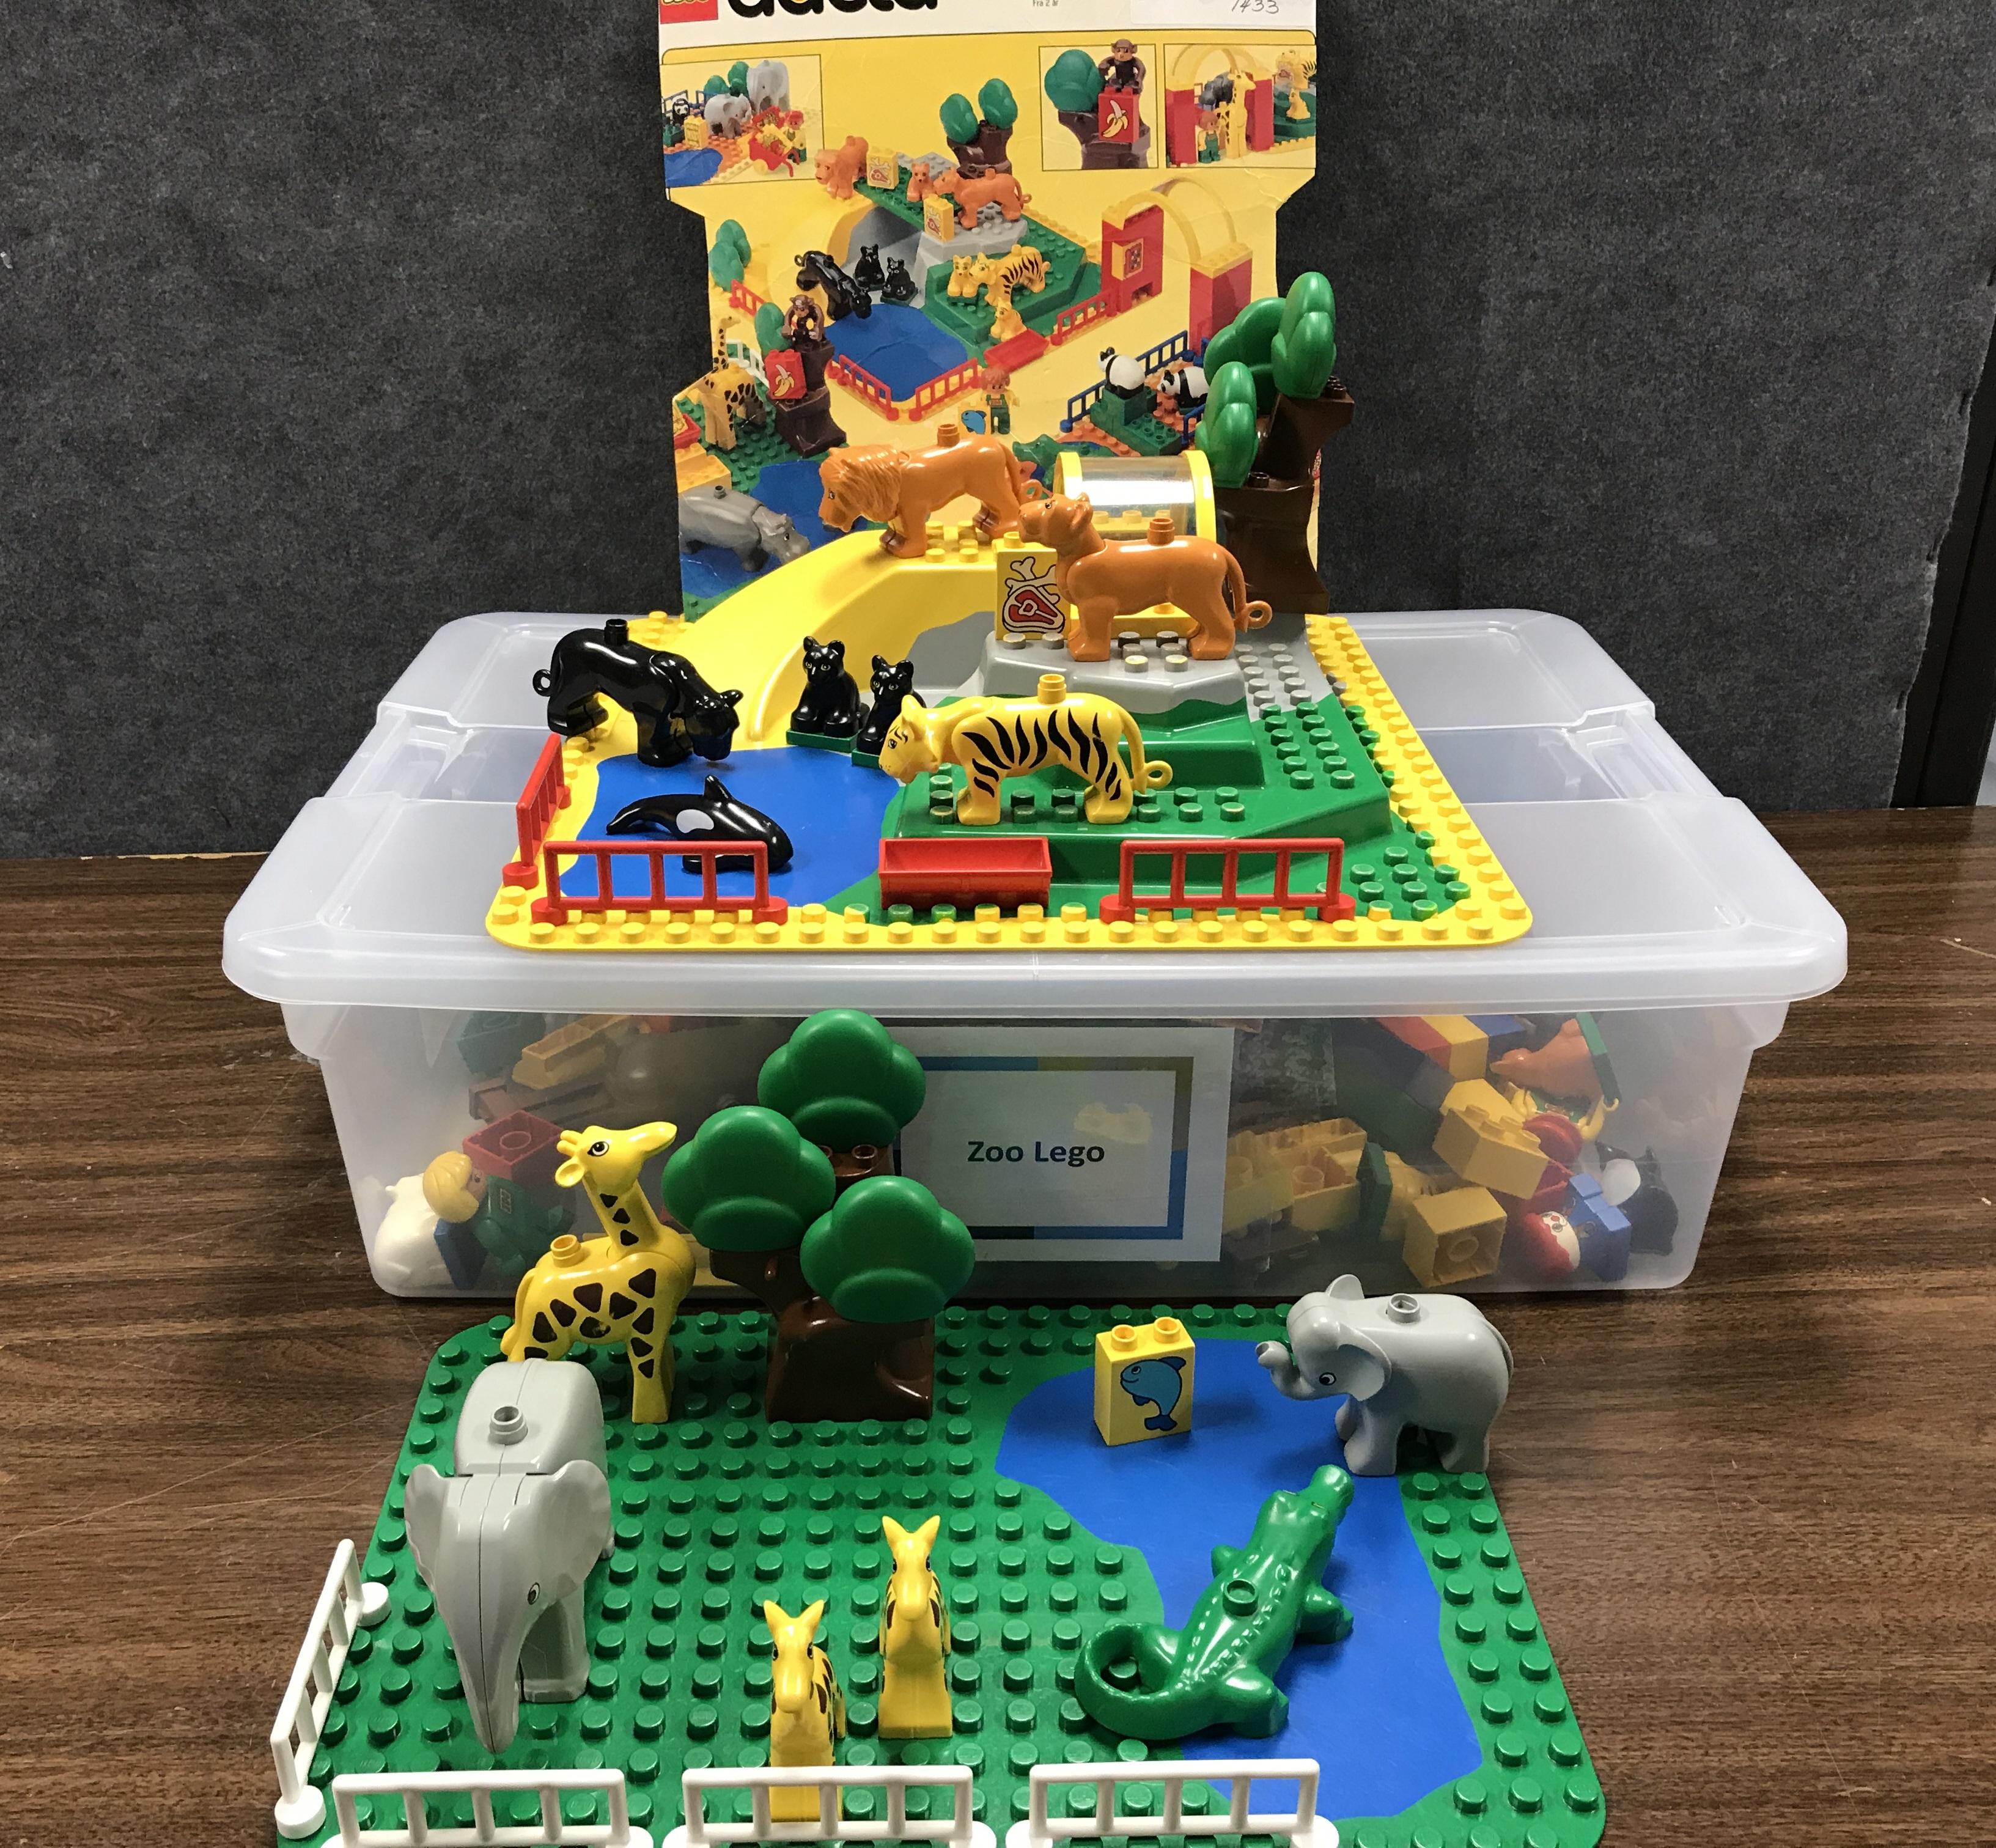 Zoo Lego